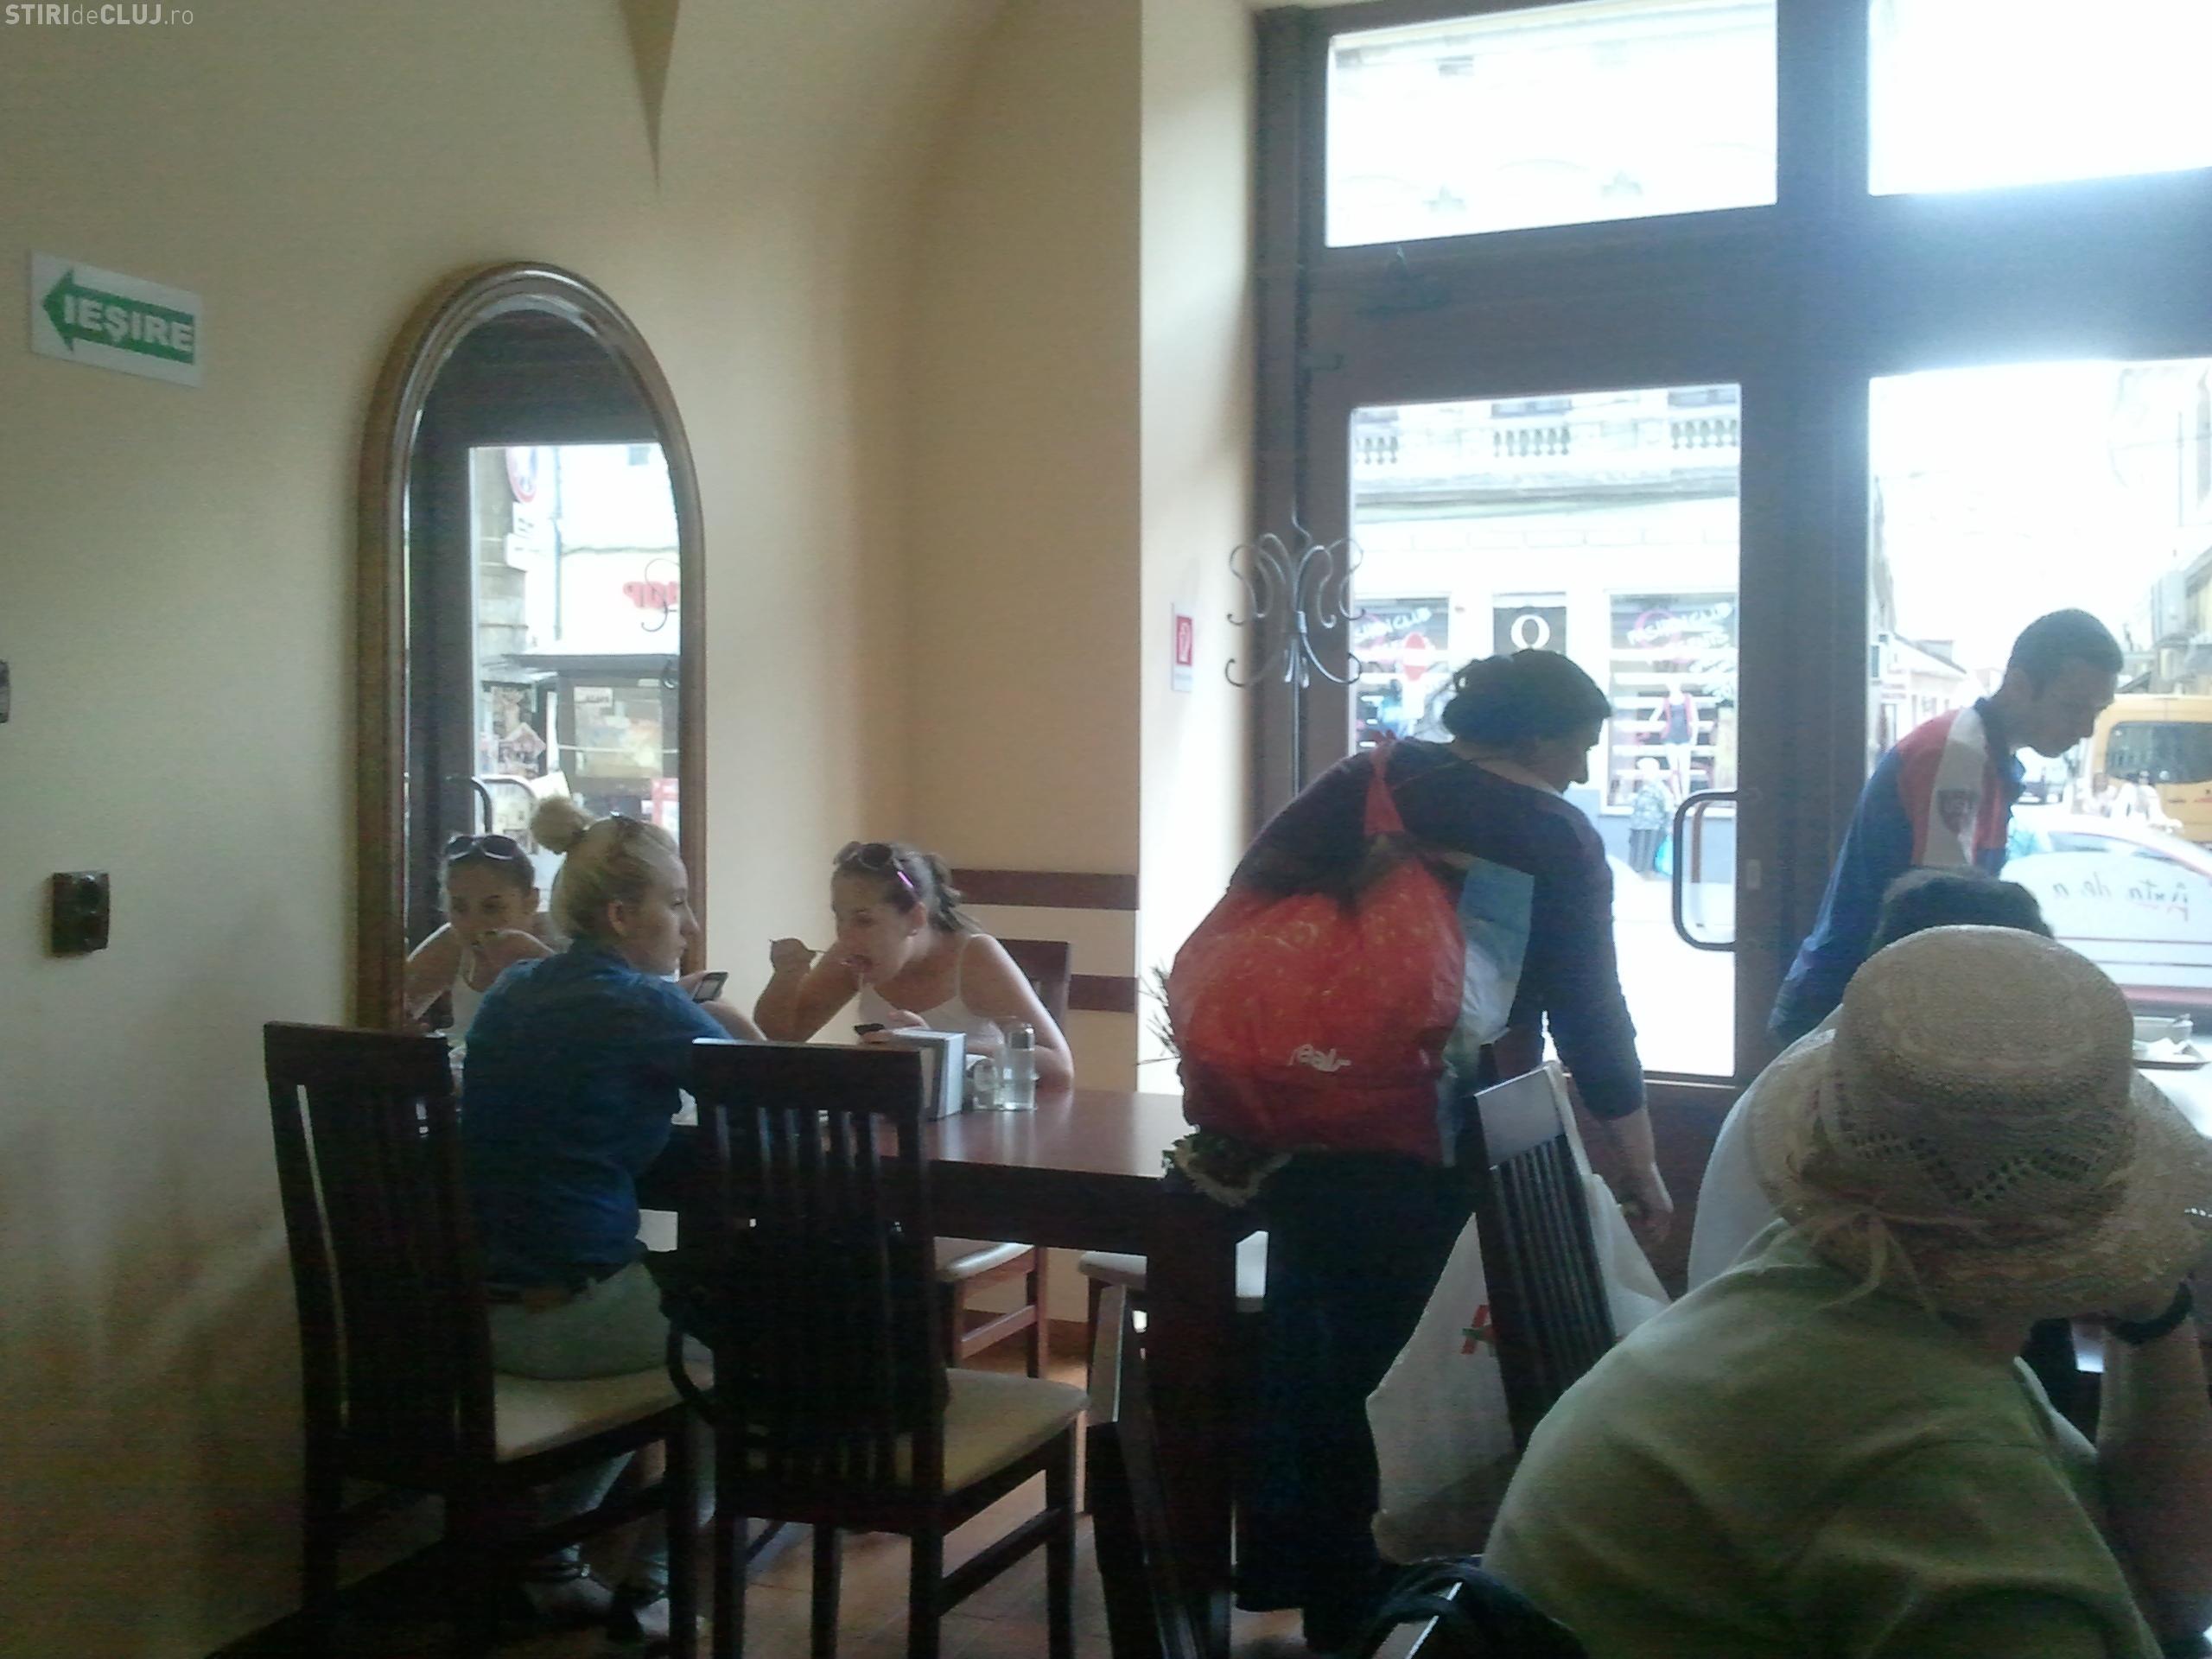 Țiganii și-au făcut cuib la Memo 10. Cerșesc mâncare și bani de la clienți - FOTO